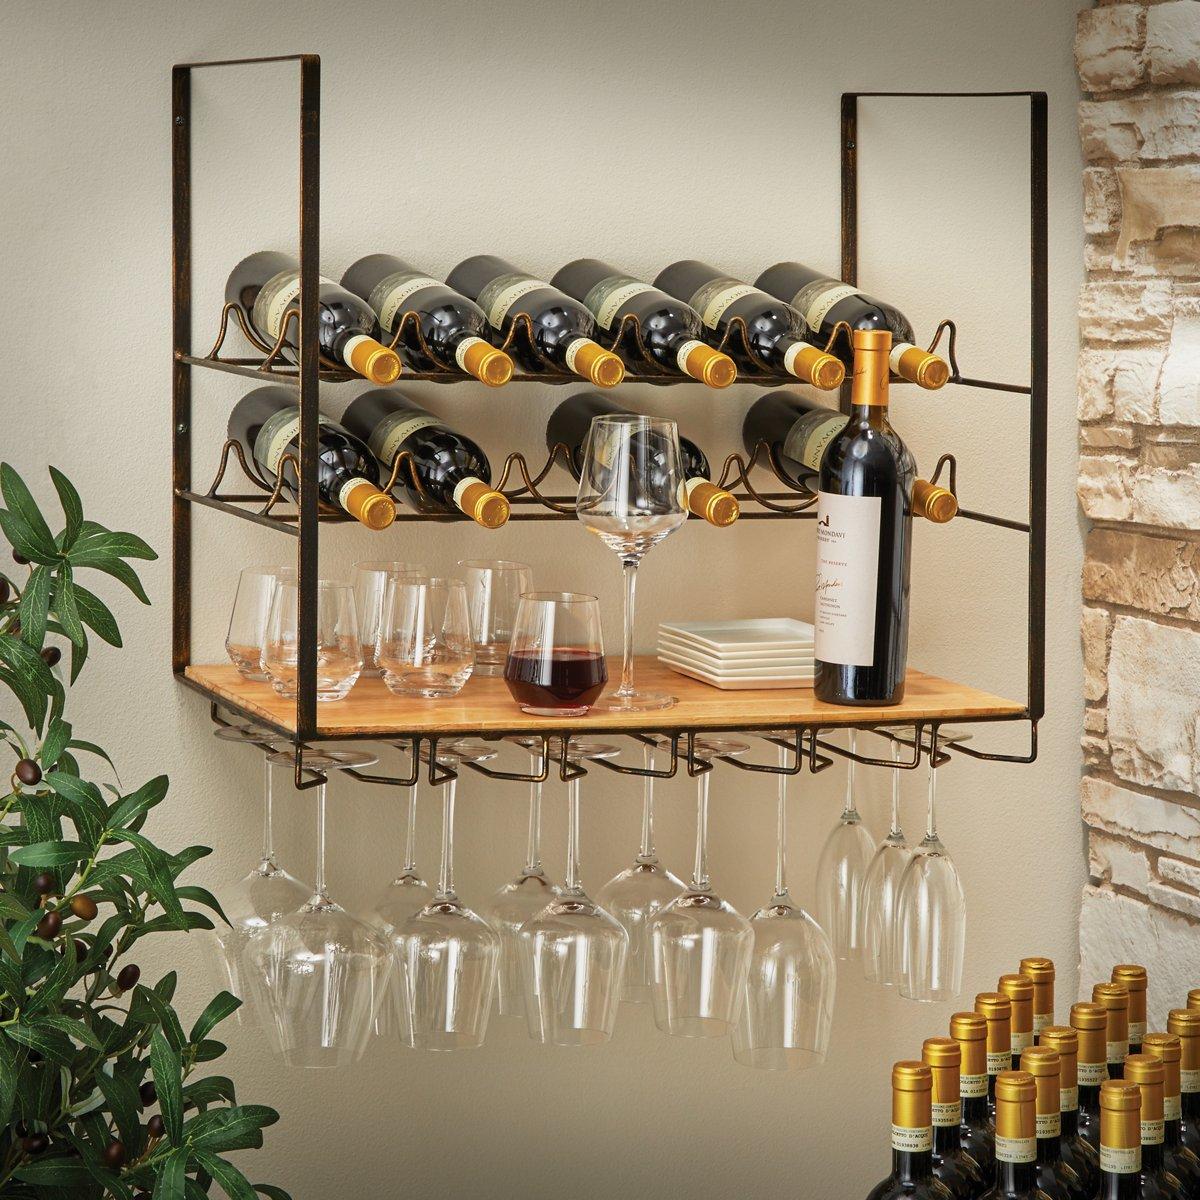 Giá rượu treo tường 12 chai và giá đựng ly thủy tinh treo tường